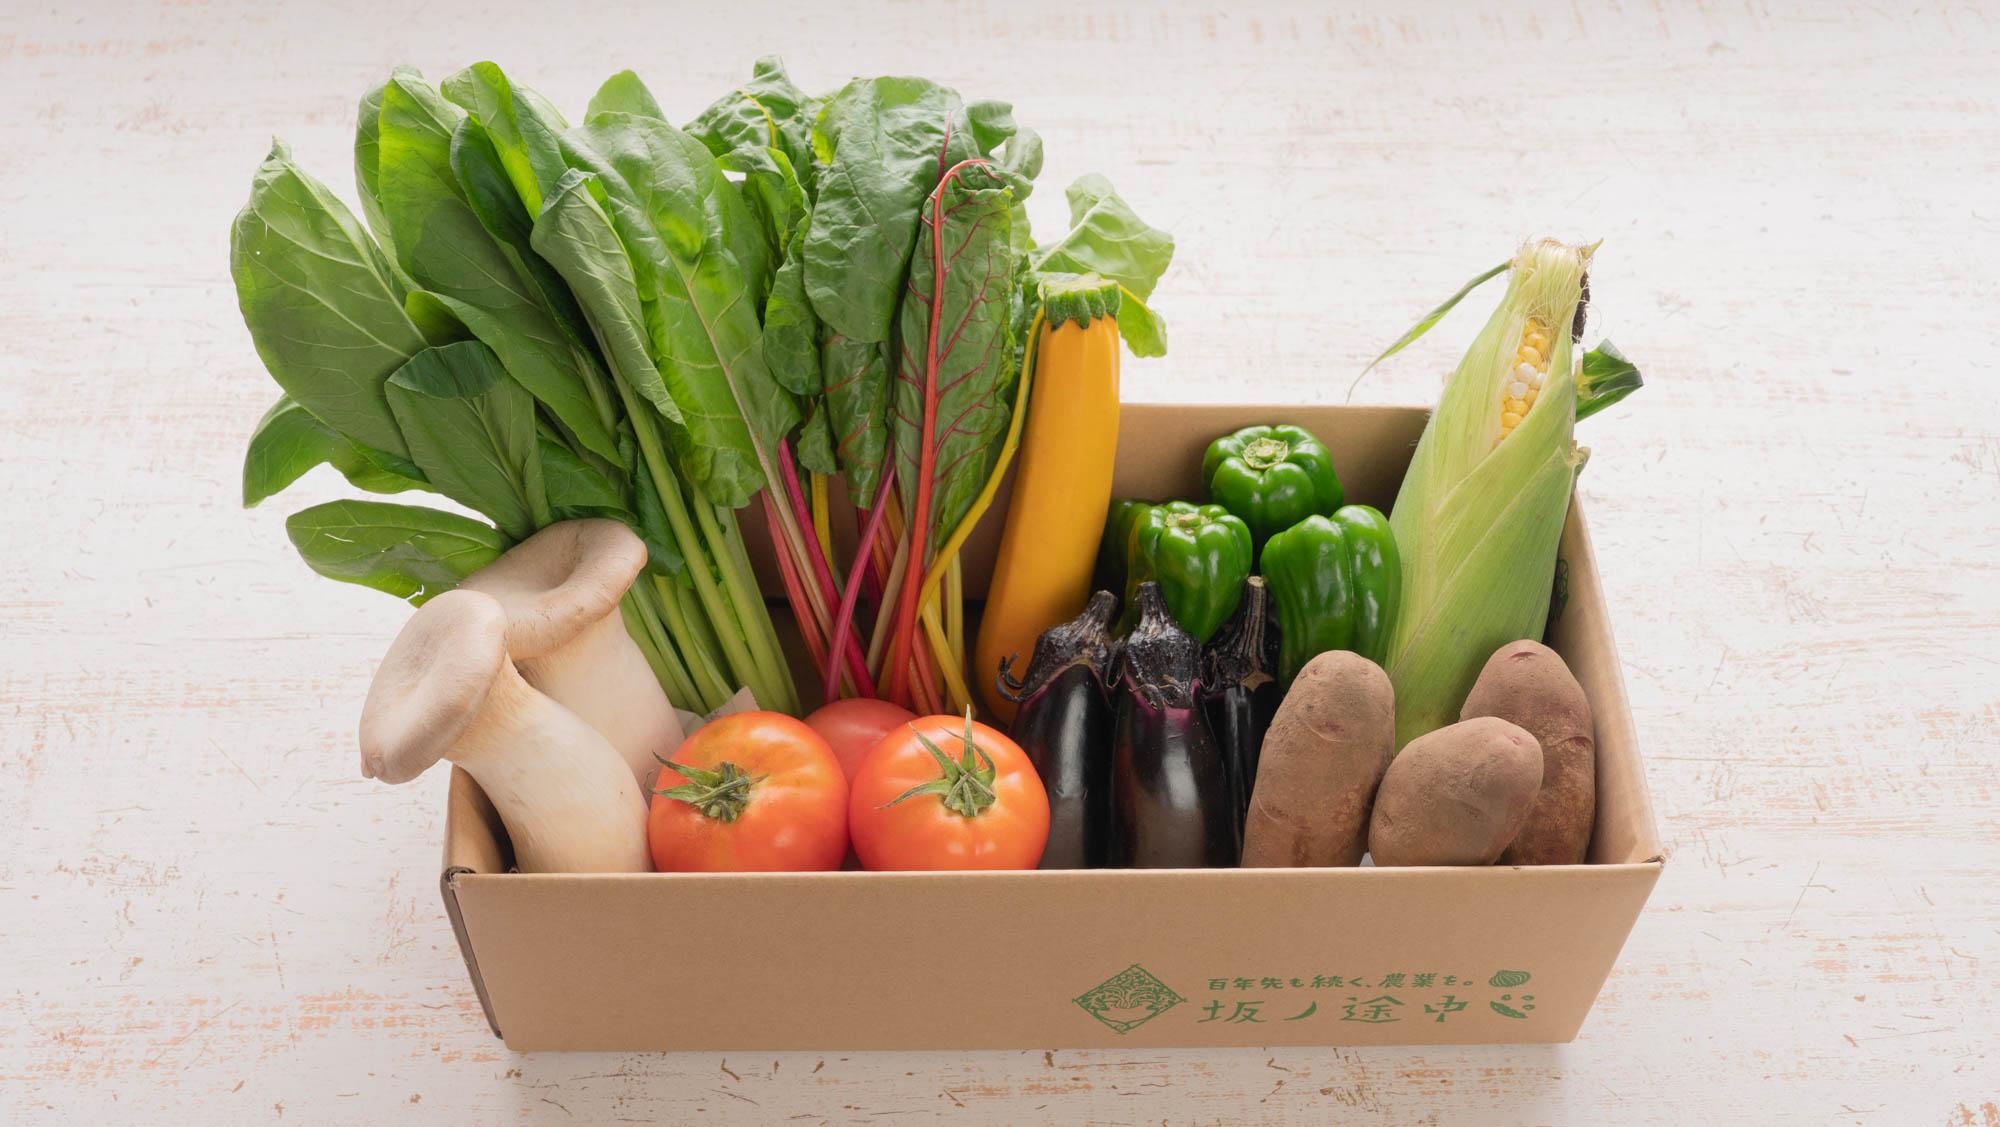 今回はどんな野菜が入っているかな?と開けるのが楽しみになる定期宅配。